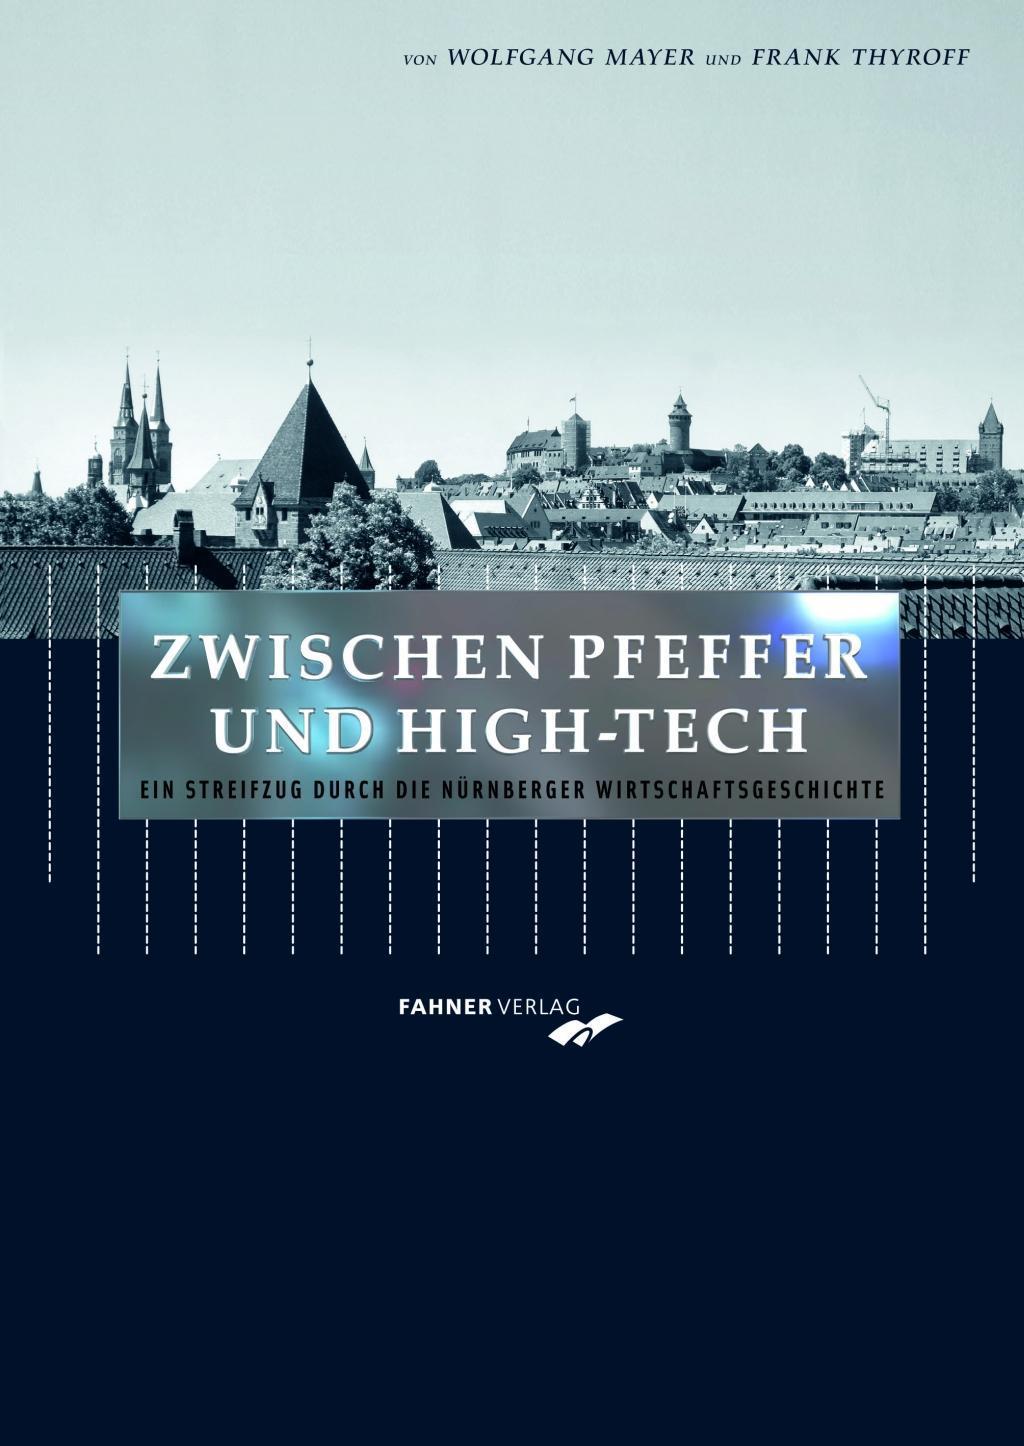 Zwischen-Pfeffer-und-Hightec-Wolfgang-Mayer